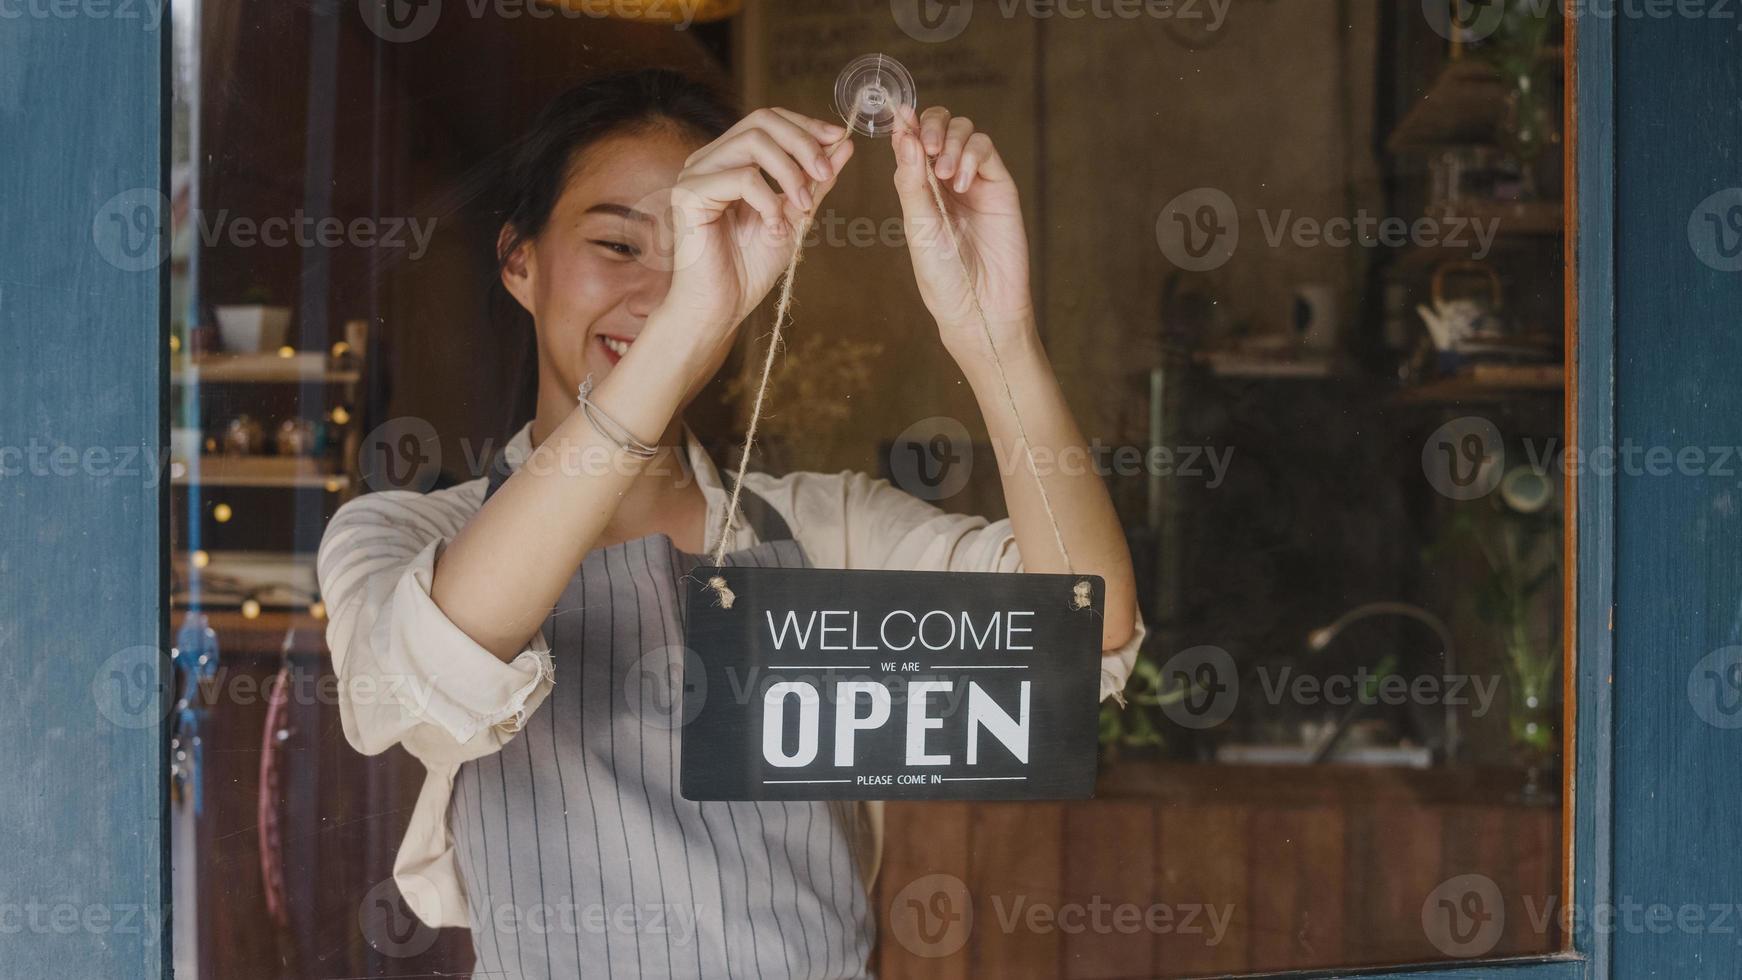 jong aziatisch managermeisje verandert een bord van gesloten naar open bord op deurcafé dat naar buiten kijkt en wacht op klanten na afsluiting. eigenaar klein bedrijf, eten en drinken, bedrijf heropenen opnieuw concept. foto